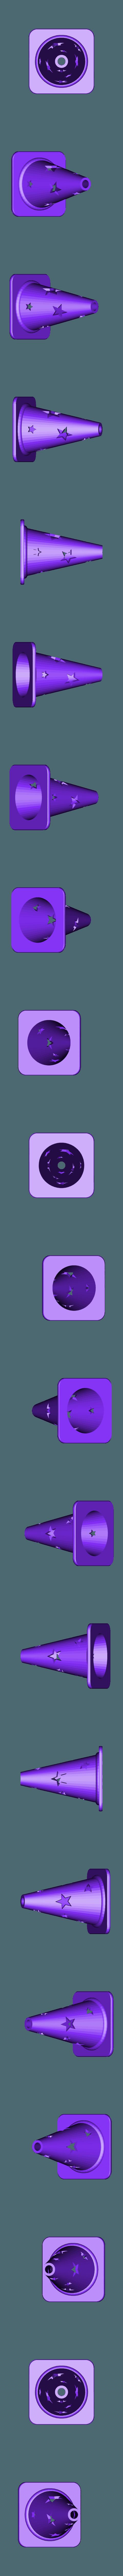 star_cone_A.stl Télécharger fichier STL gratuit Collection de cônes de circulation de la mode • Design imprimable en 3D, Render